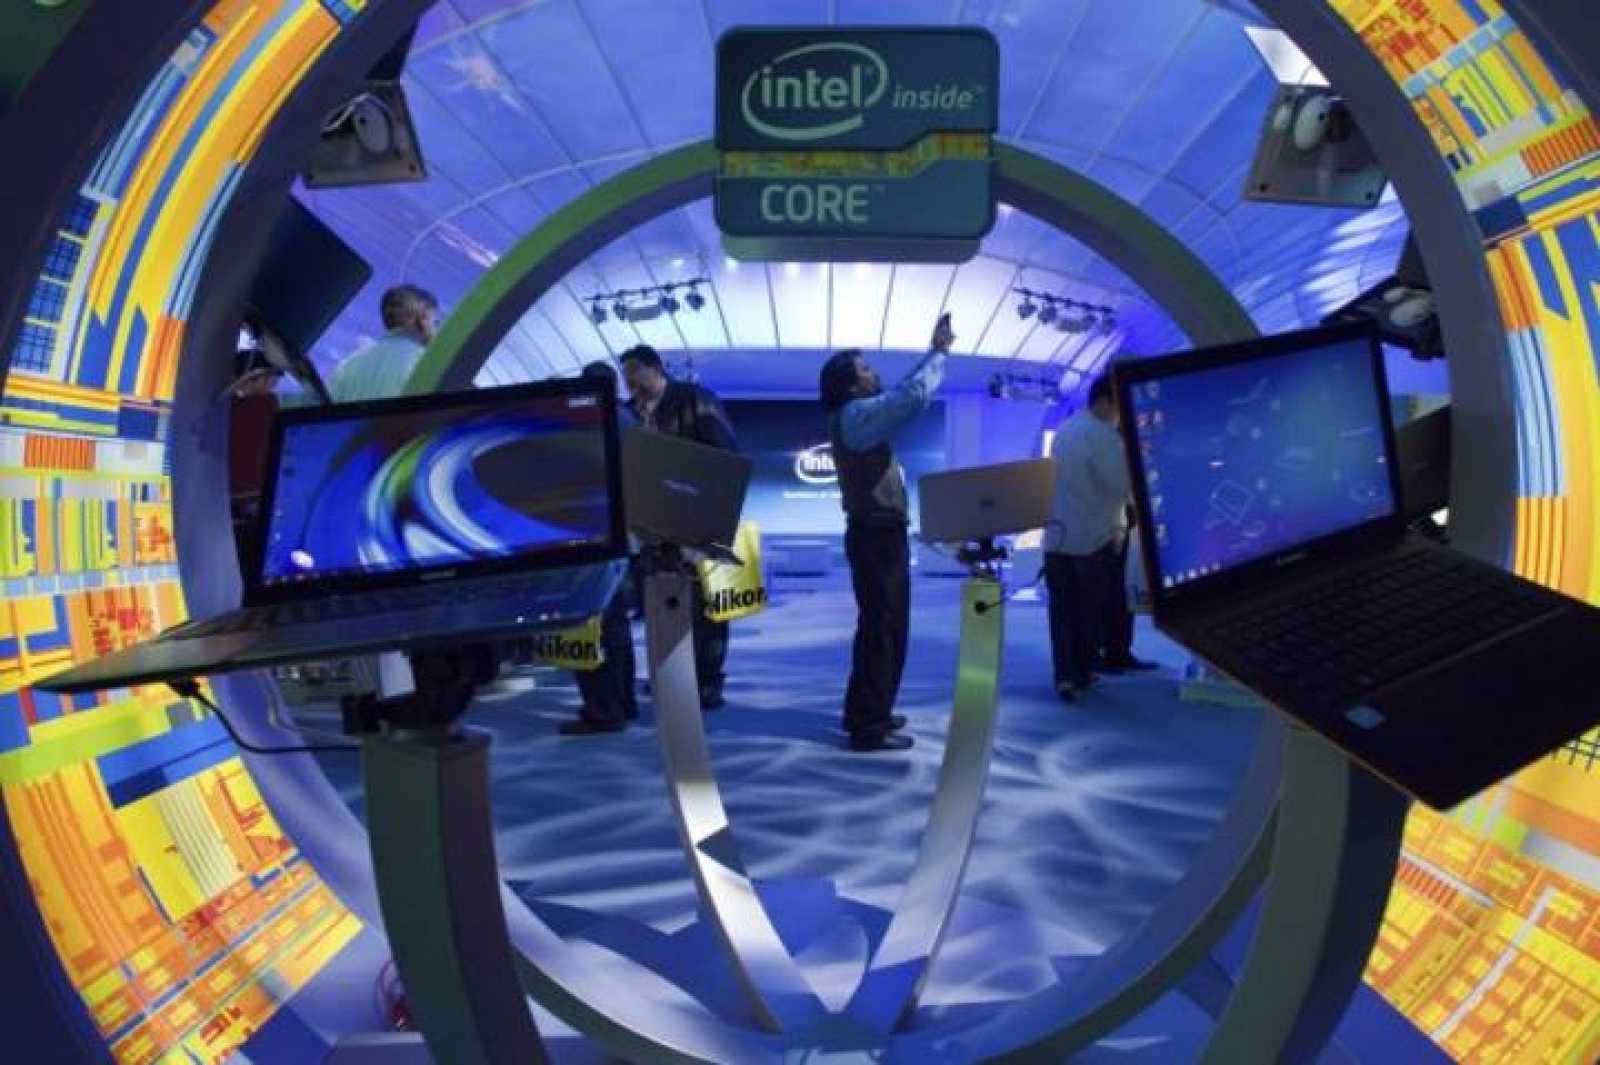 Puesto de Intel en la Feria Internacional de Electrónica de Las Vegas en 2012